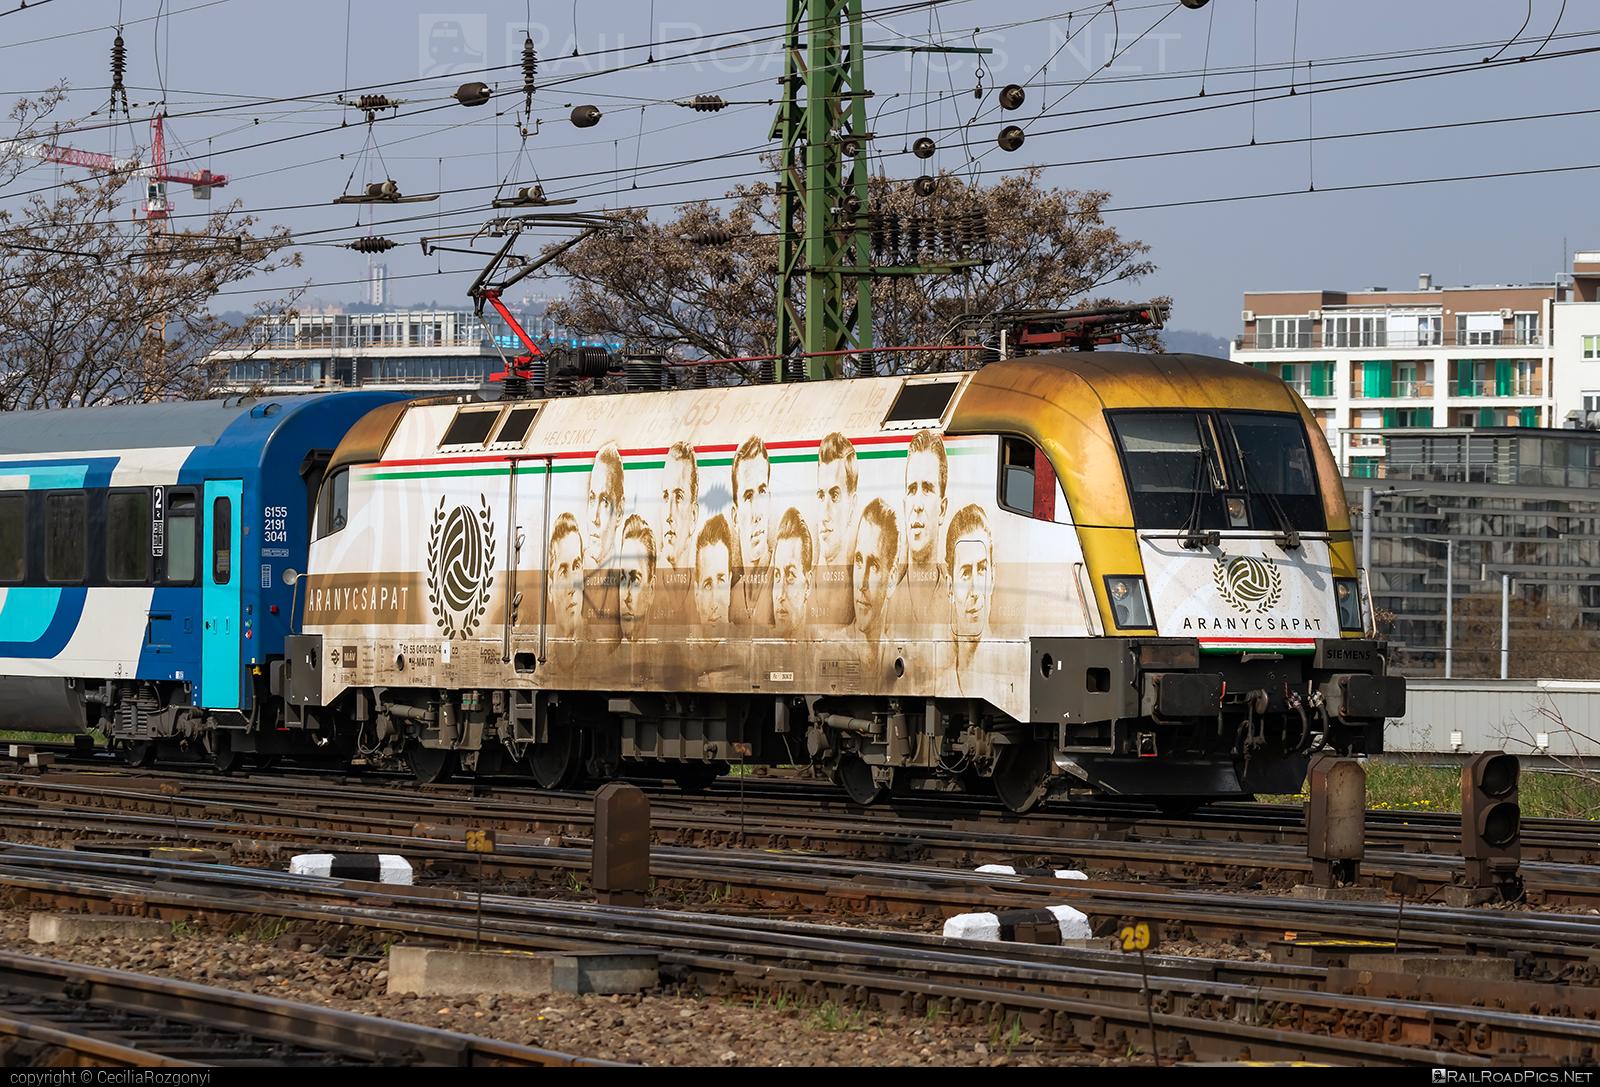 Siemens ES 64 U2 - 470 010 operated by Magyar Államvasutak ZRt. #es64 #es64u #es64u2 #eurosprinter #magyarallamvasutak #magyarallamvasutakzrt #mav #mavtr #mavtrakcio #mavtrakciozrt #siemens #siemenses64 #siemenses64u #siemenses64u2 #siemenstaurus #taurus #tauruslocomotive